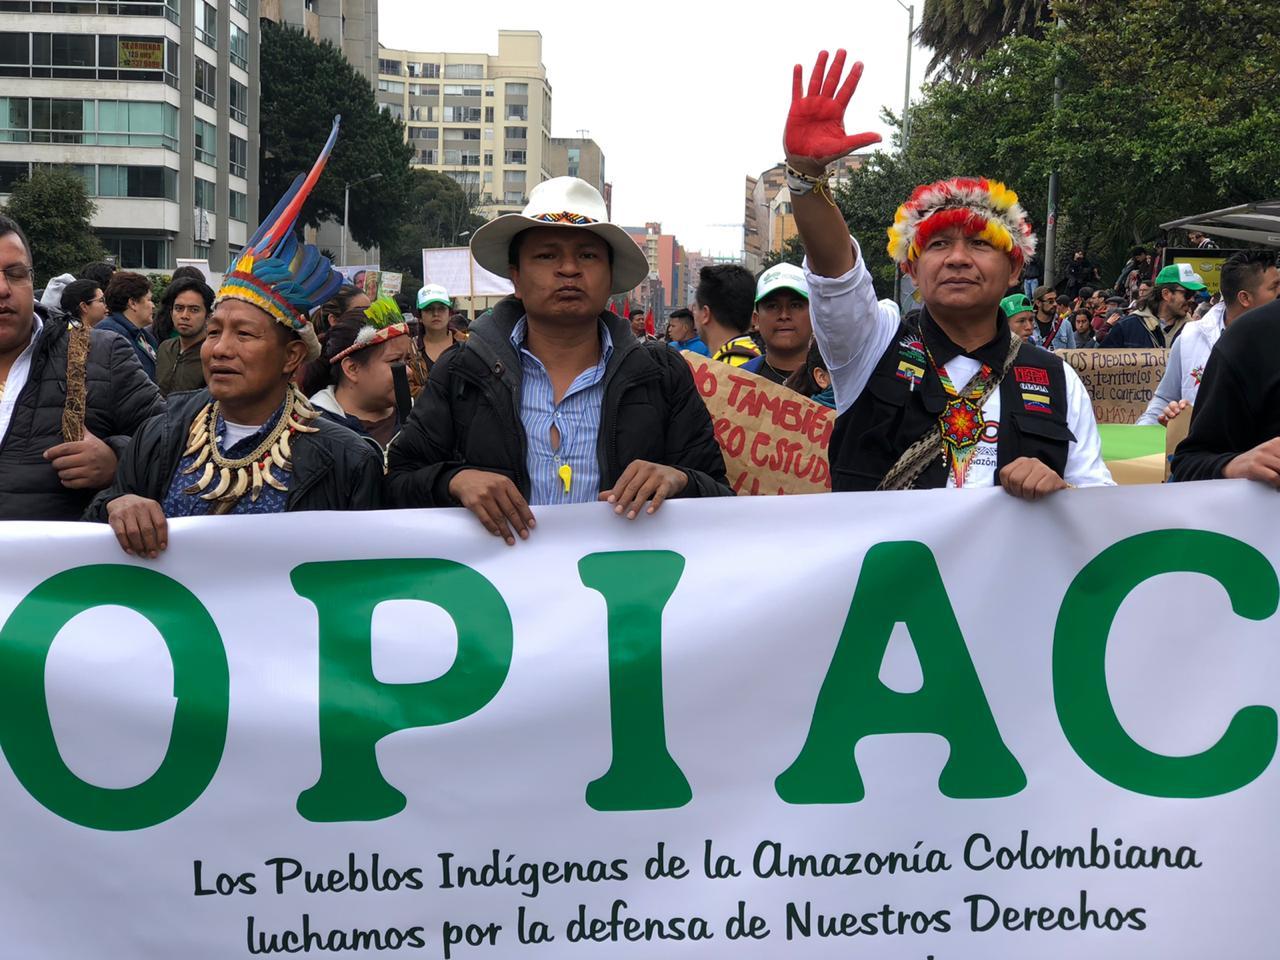 Pueblos Indígenas de la Amazonía Colombiana, Exigen al Presidente Ivan Duque, Participación en el Diálogo Nacional